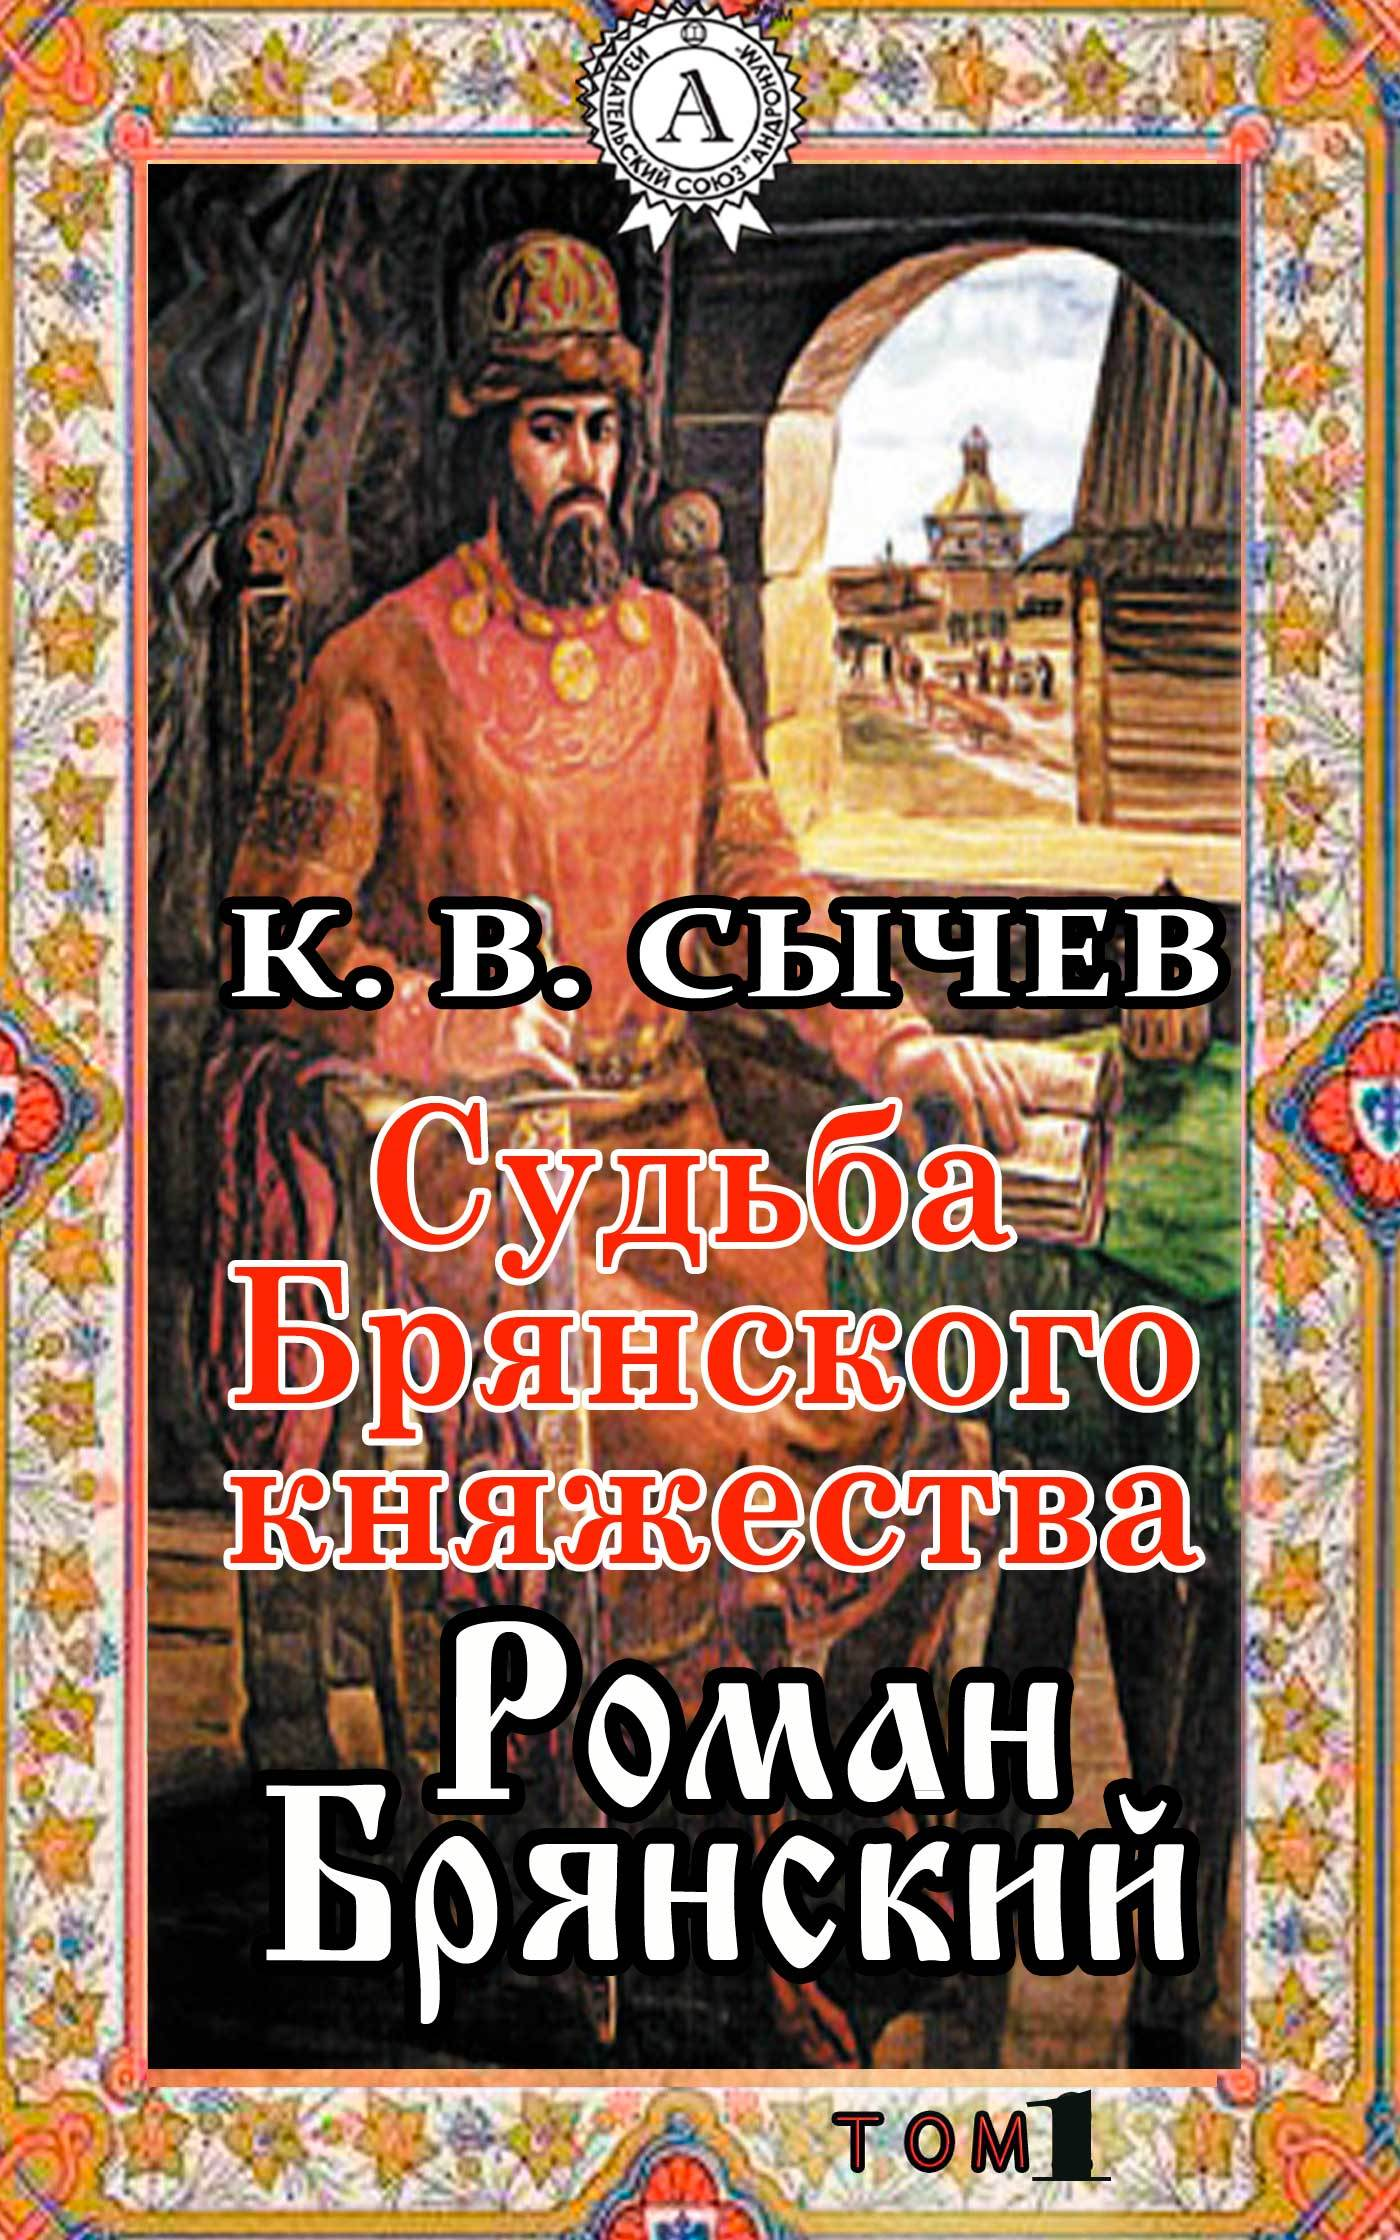 Сычев К. В. Роман Брянский мушкетер и фея и другие истории из жизни джонни воробьева